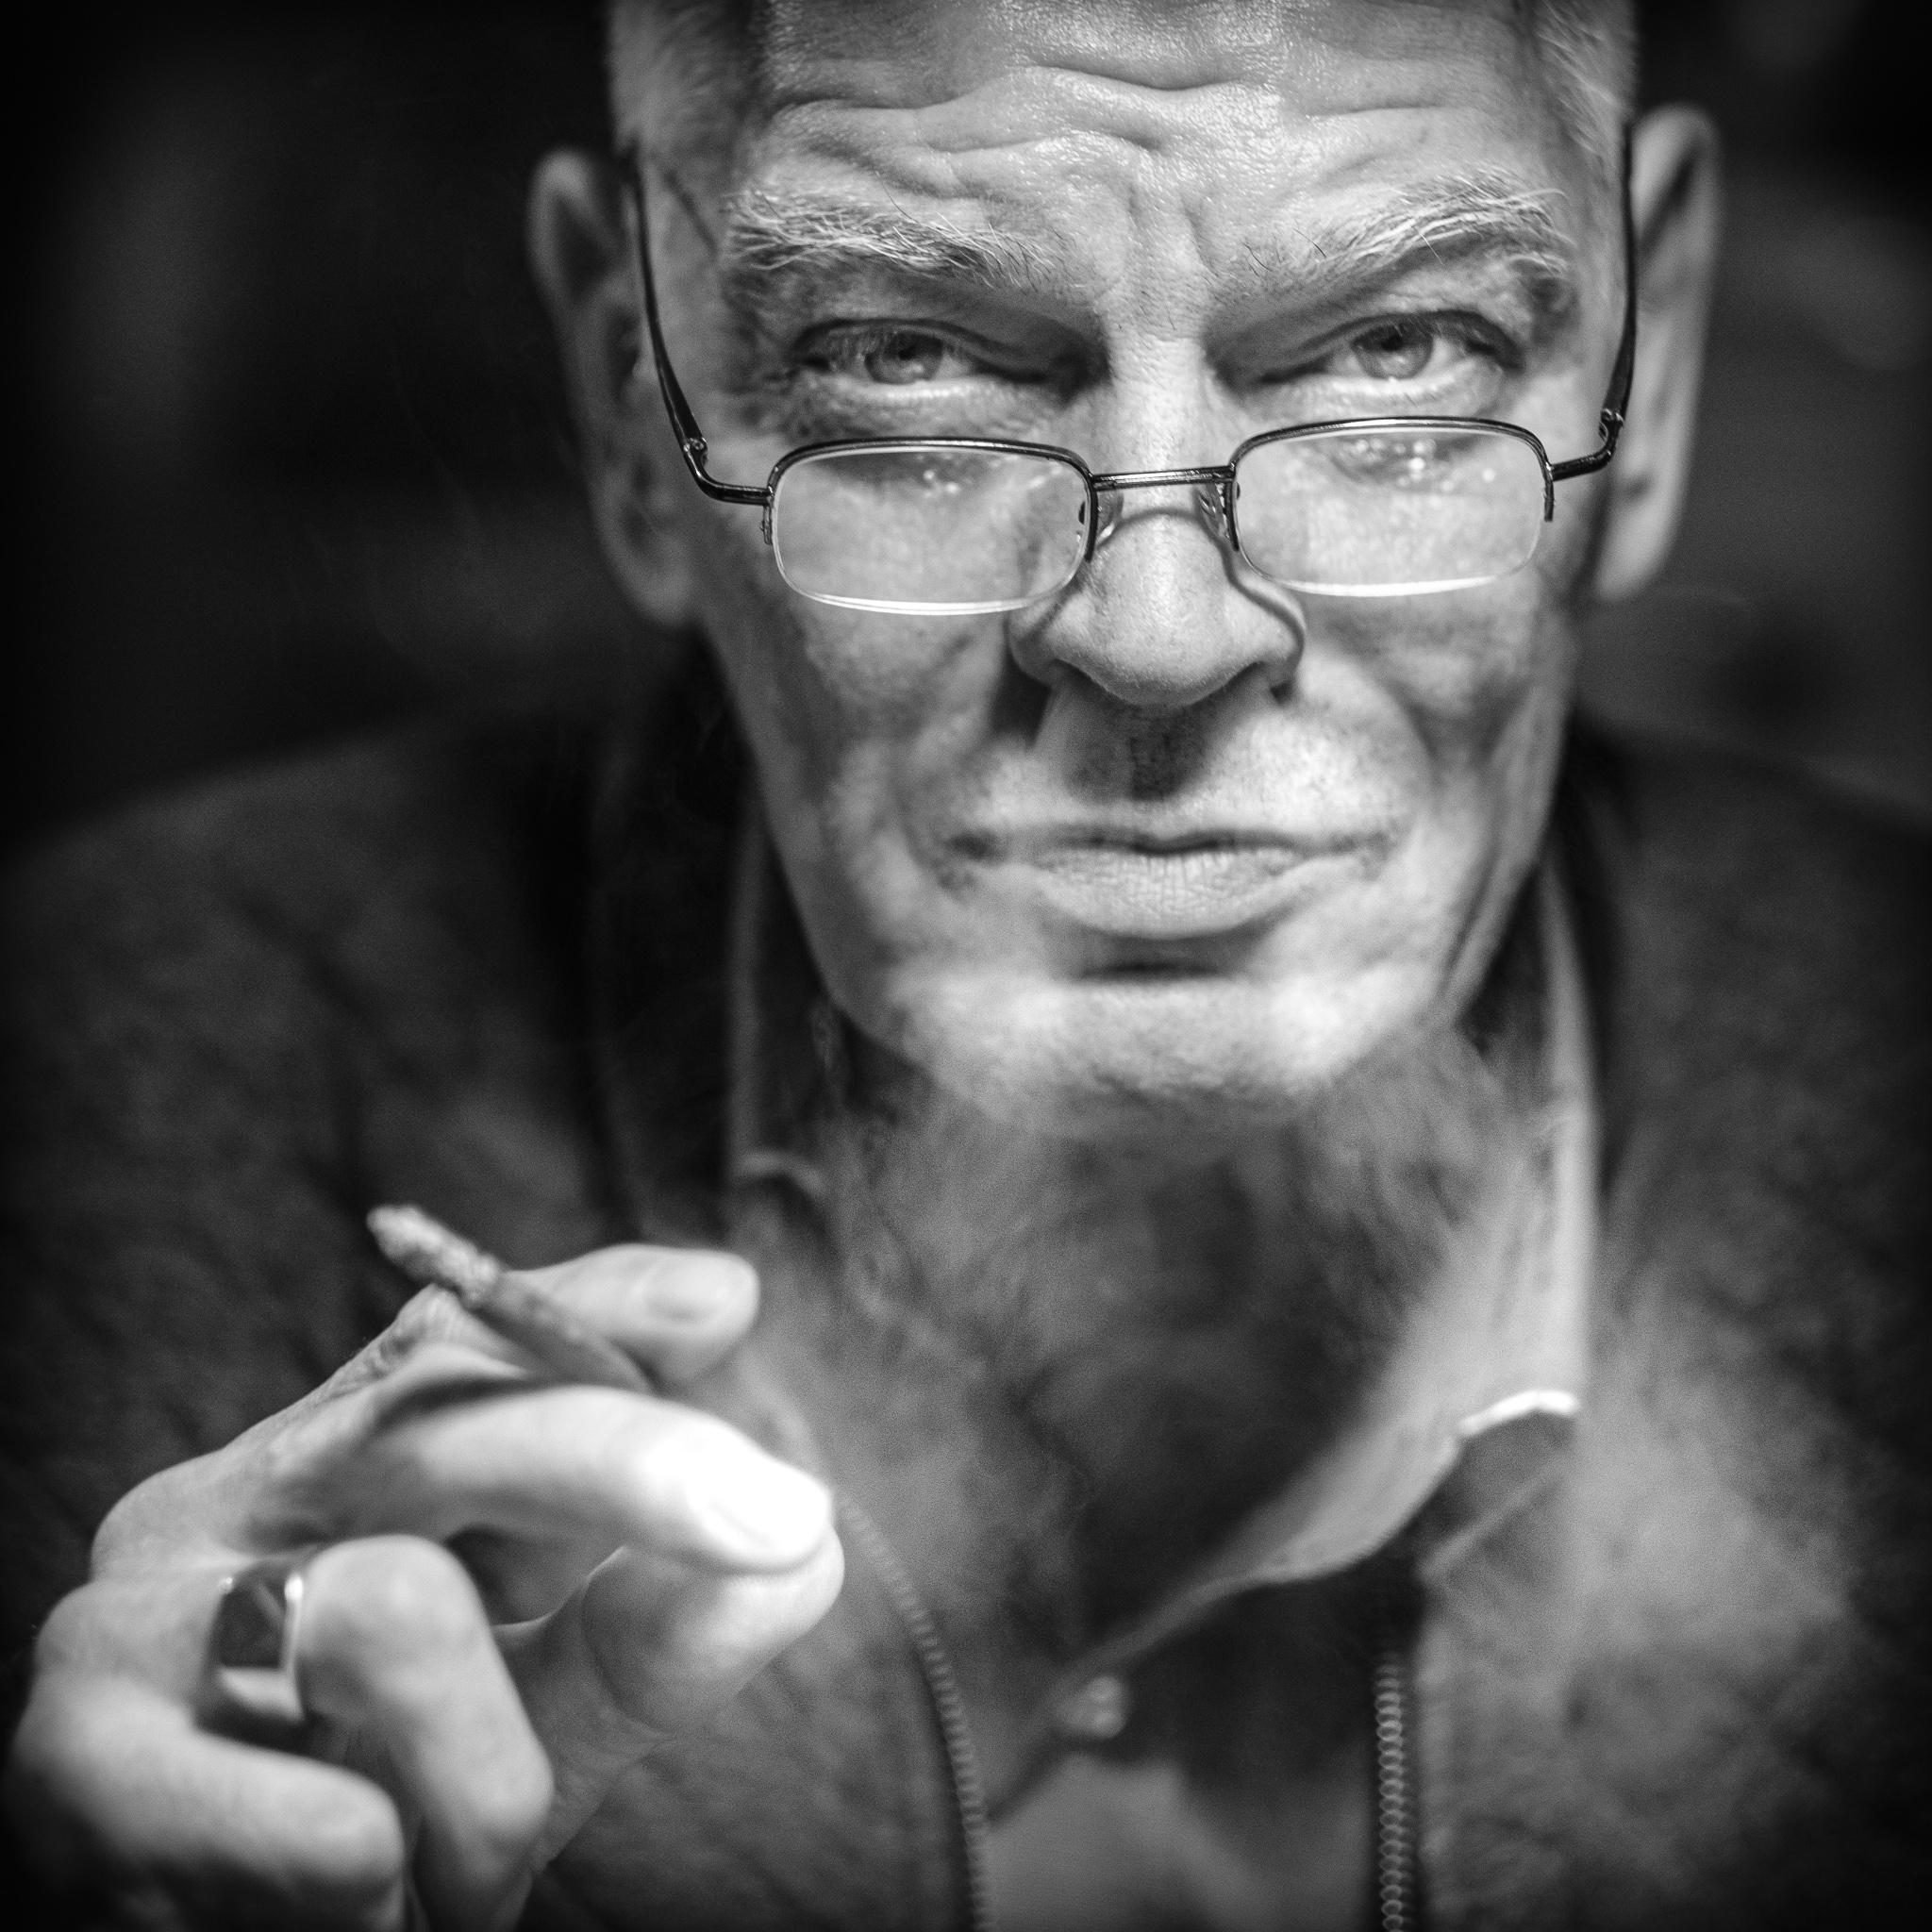 Rien Breemans, voorzitter van de Beemans vergadering en directeur van Breemans Historisch Museum - © Fotografie: Martin Hogeboom